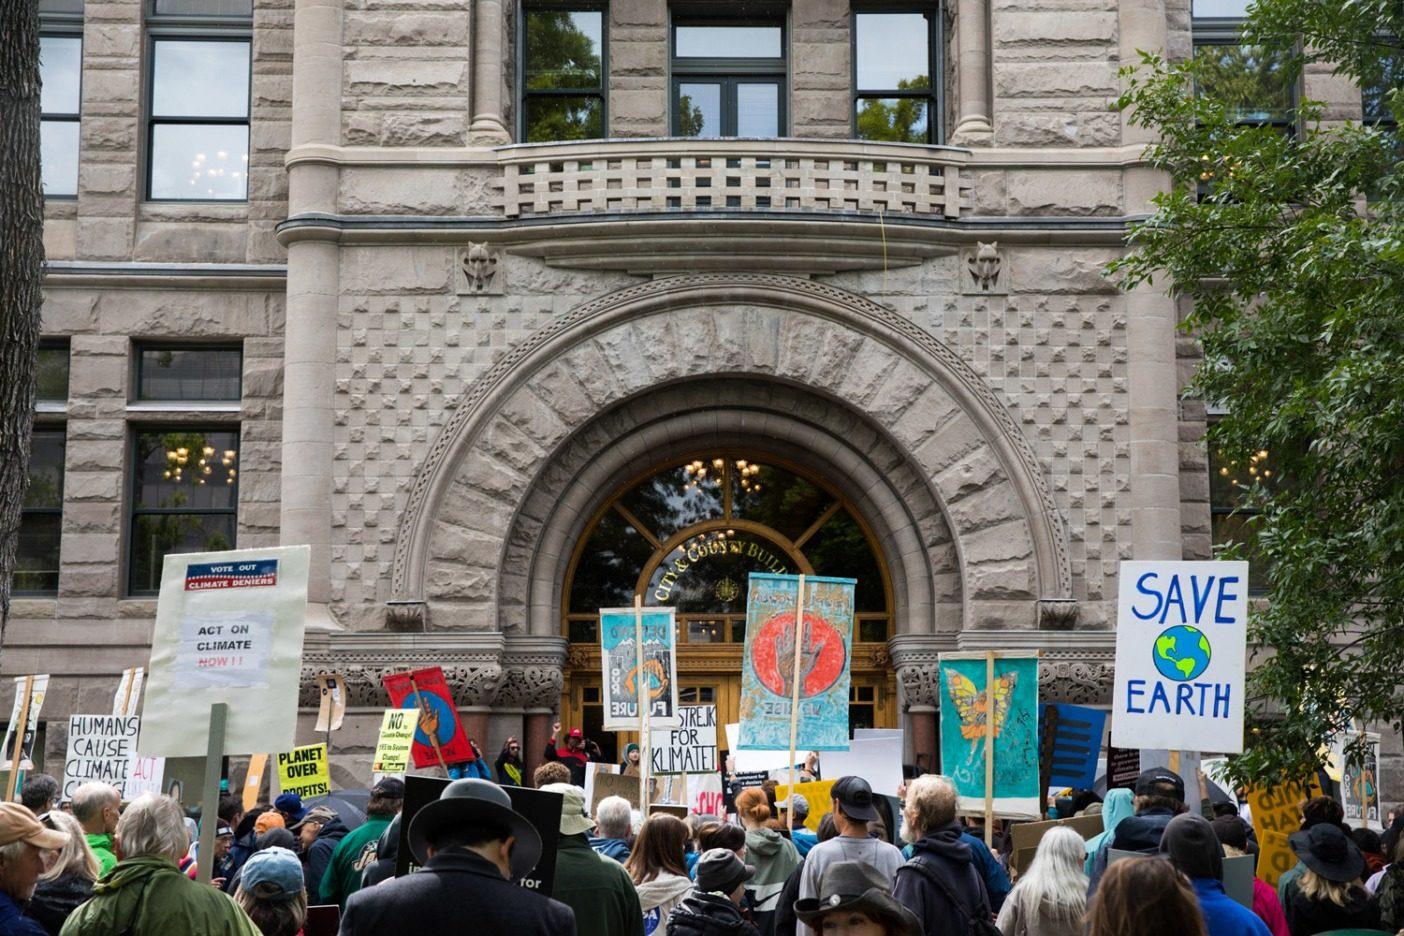 ソルトレイク・シティでの9月20日の気候ストライキの抗議者たち。Photo: Andrew Burr